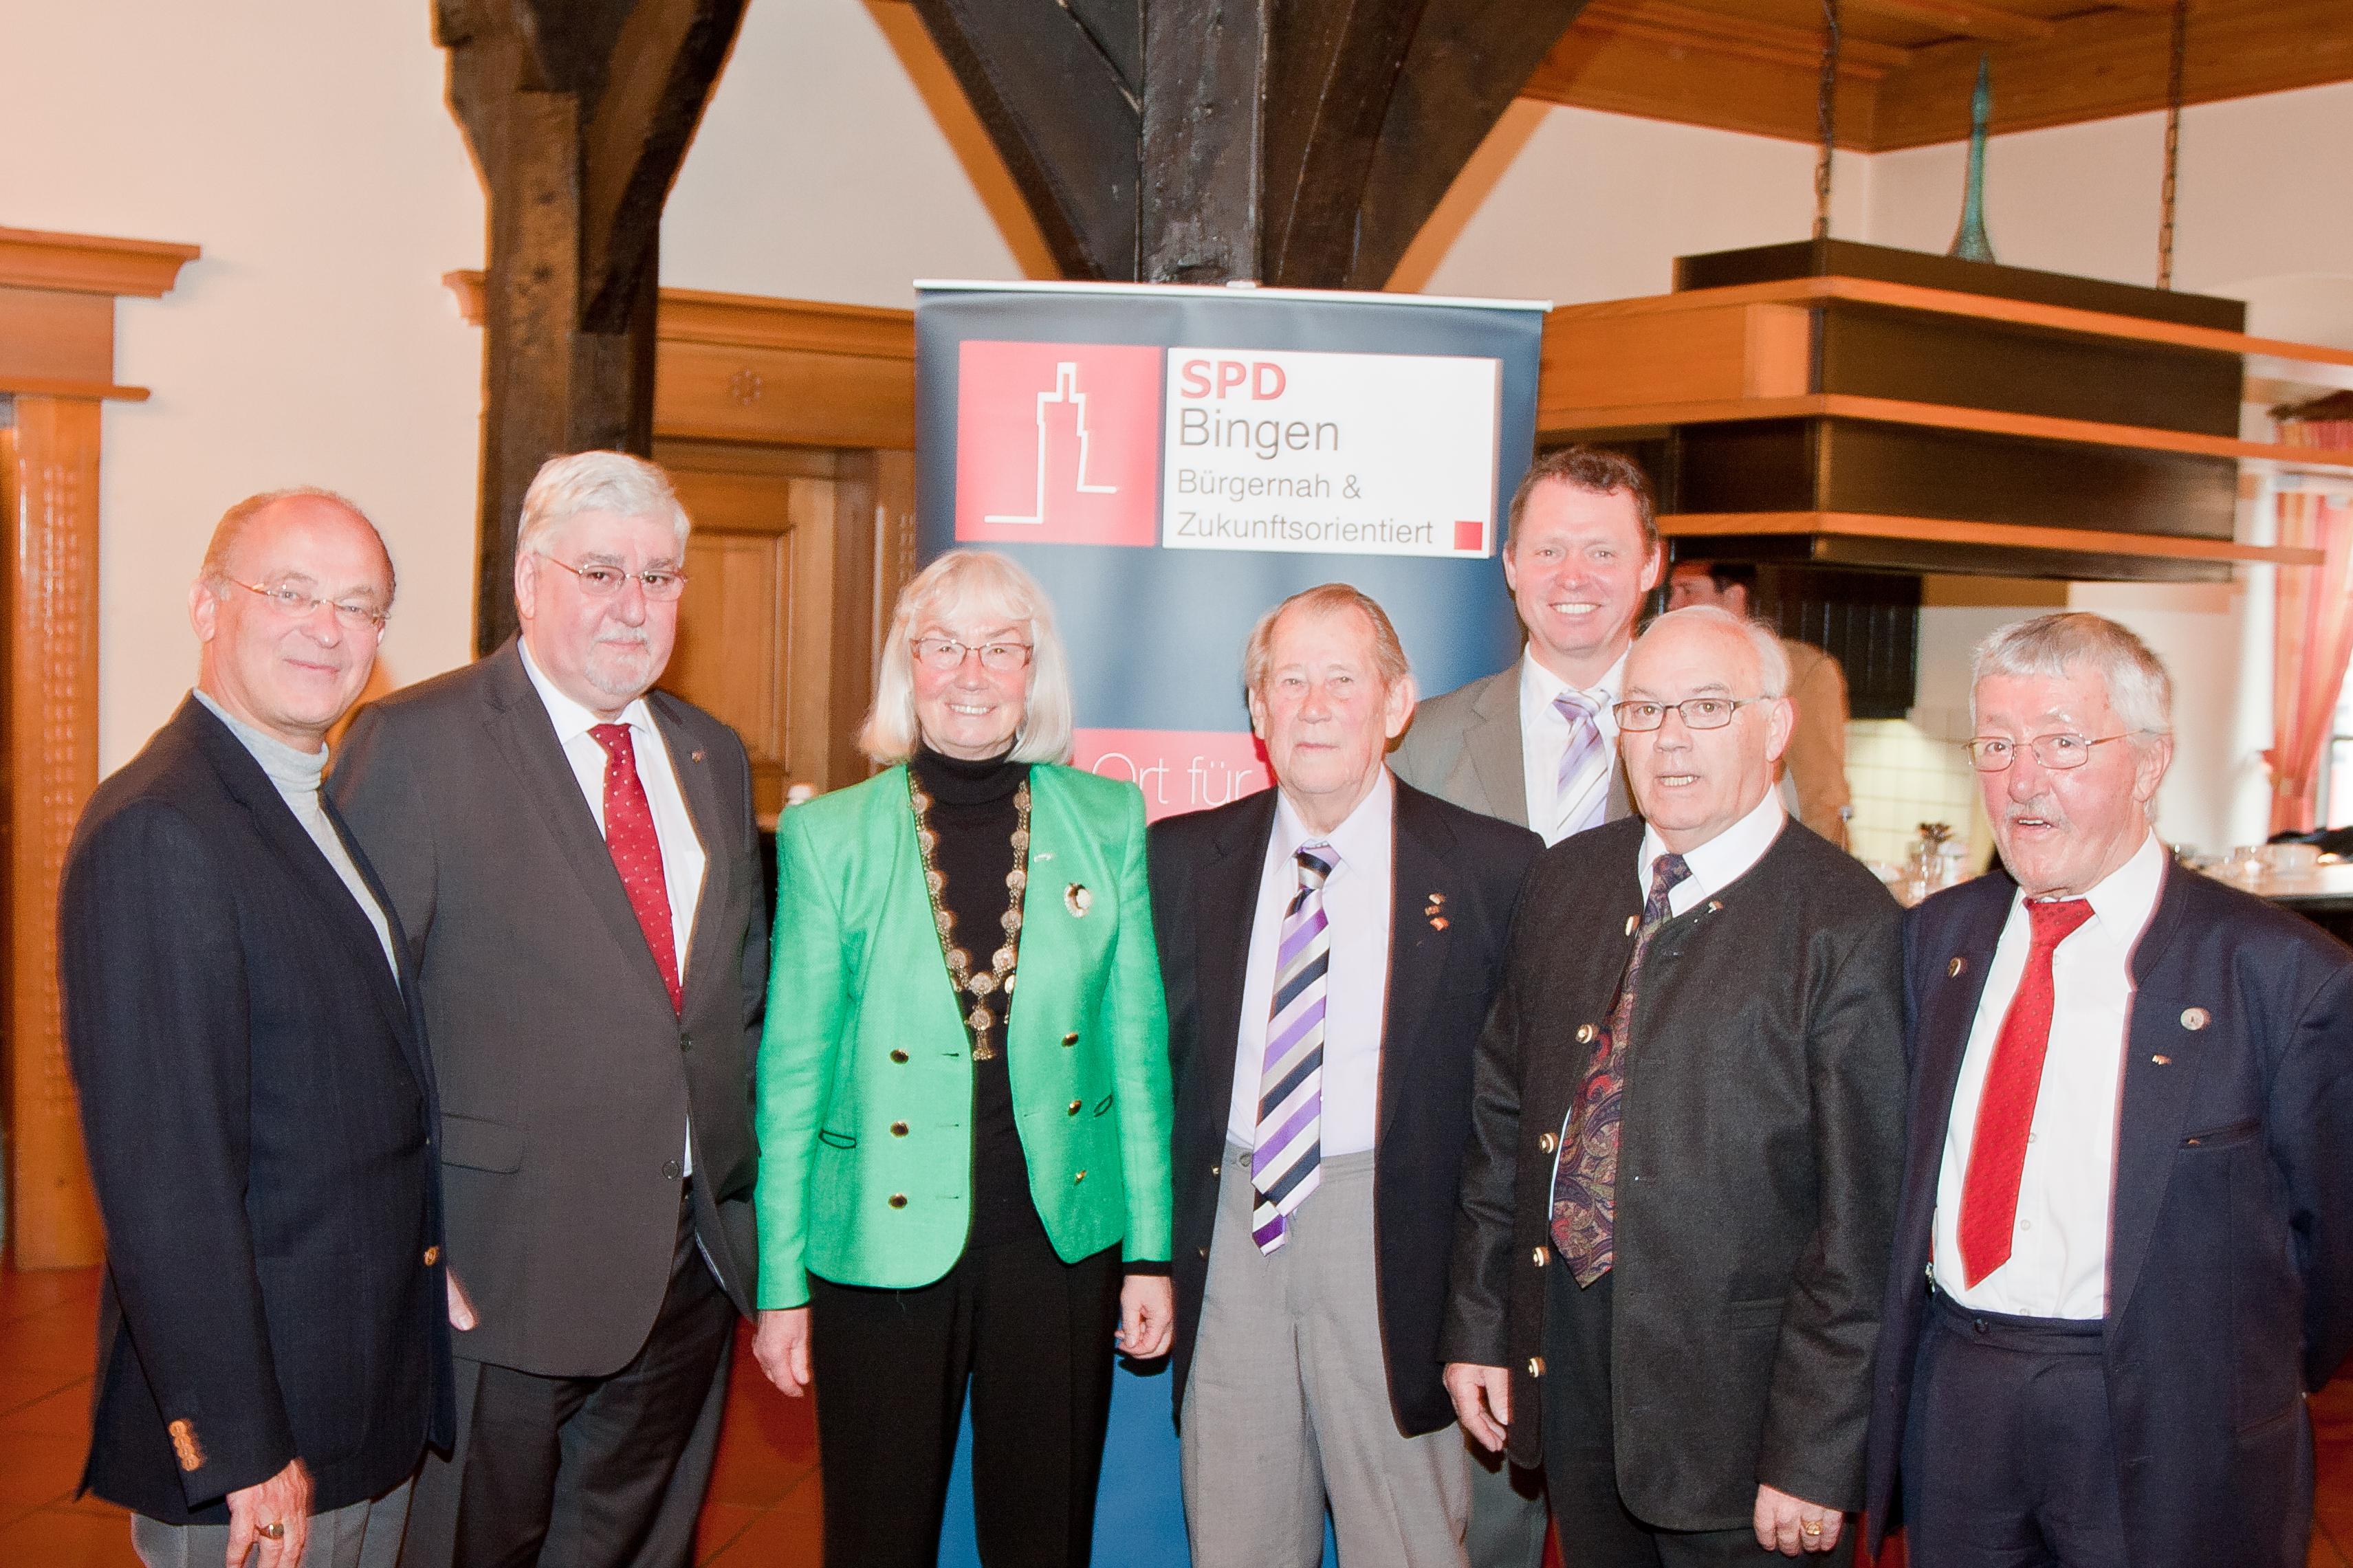 Jahresempfang SPD 2011